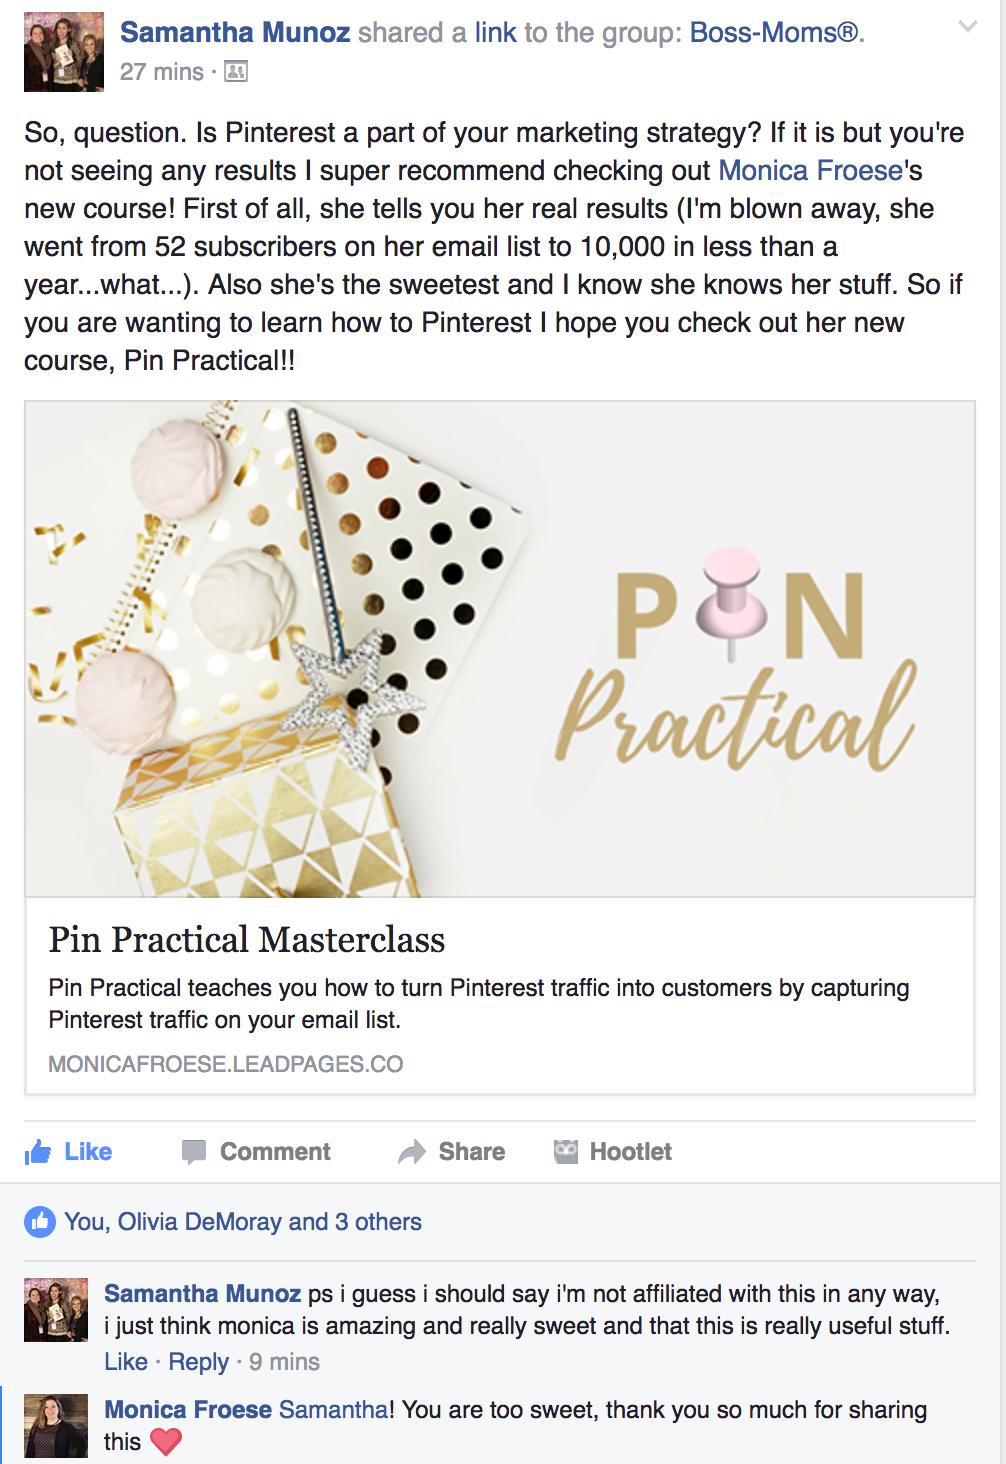 Pin Practical Testimonial